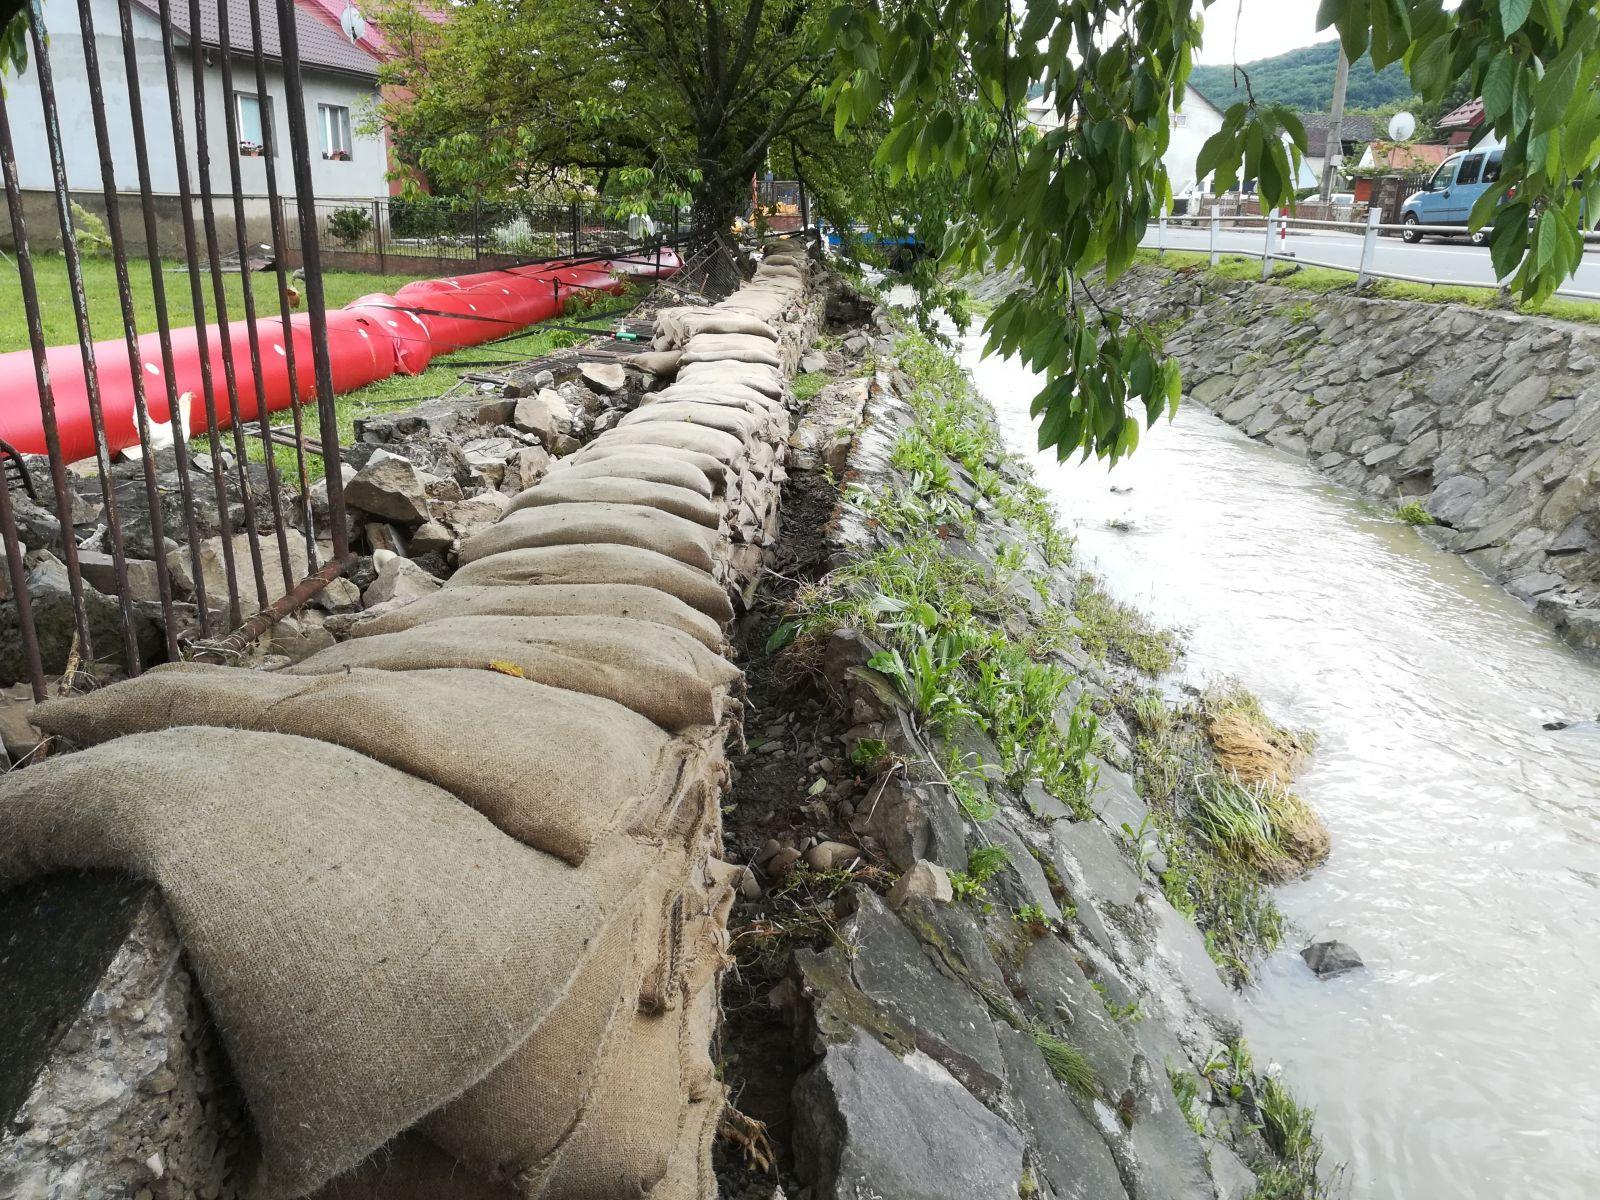 Pred ďalším náporom veľkej vody sa obyvatelia snažia chrániť vrecami s pieskom.